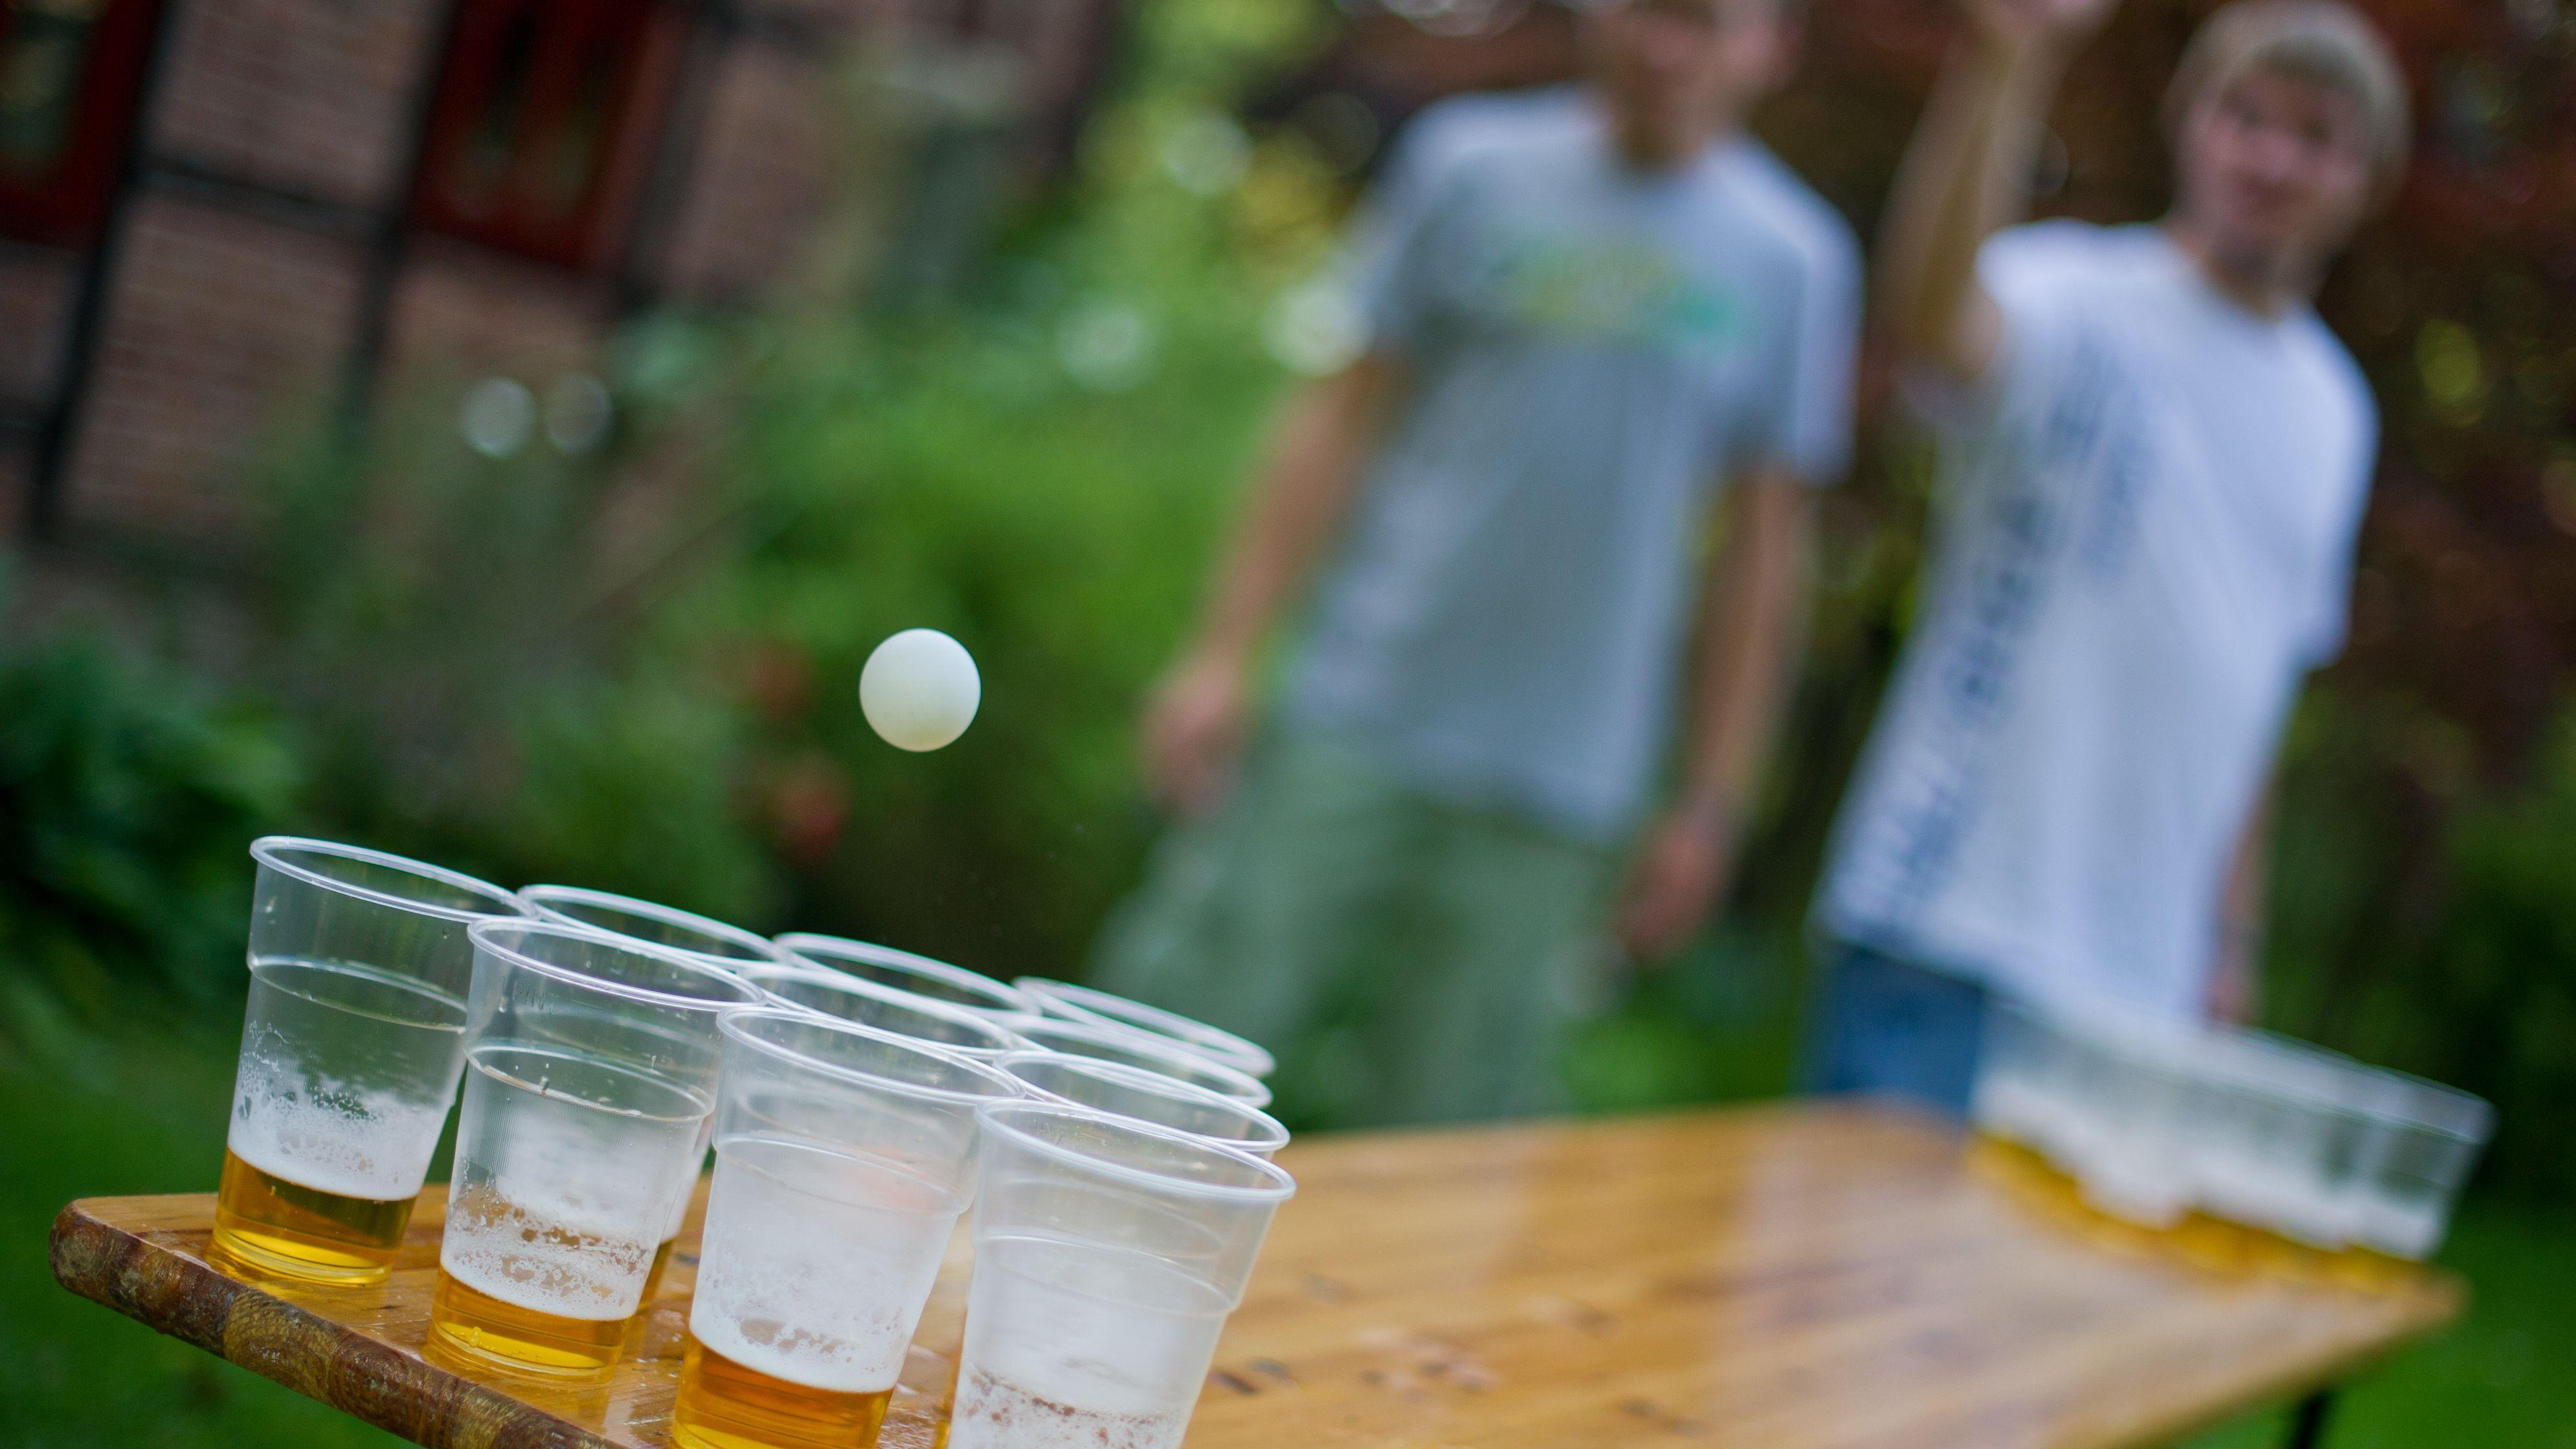 Zwei Personen stehen an einem Biertisch, auf dem mehrere Plastikbecher gefüllt mit Bier stehen.